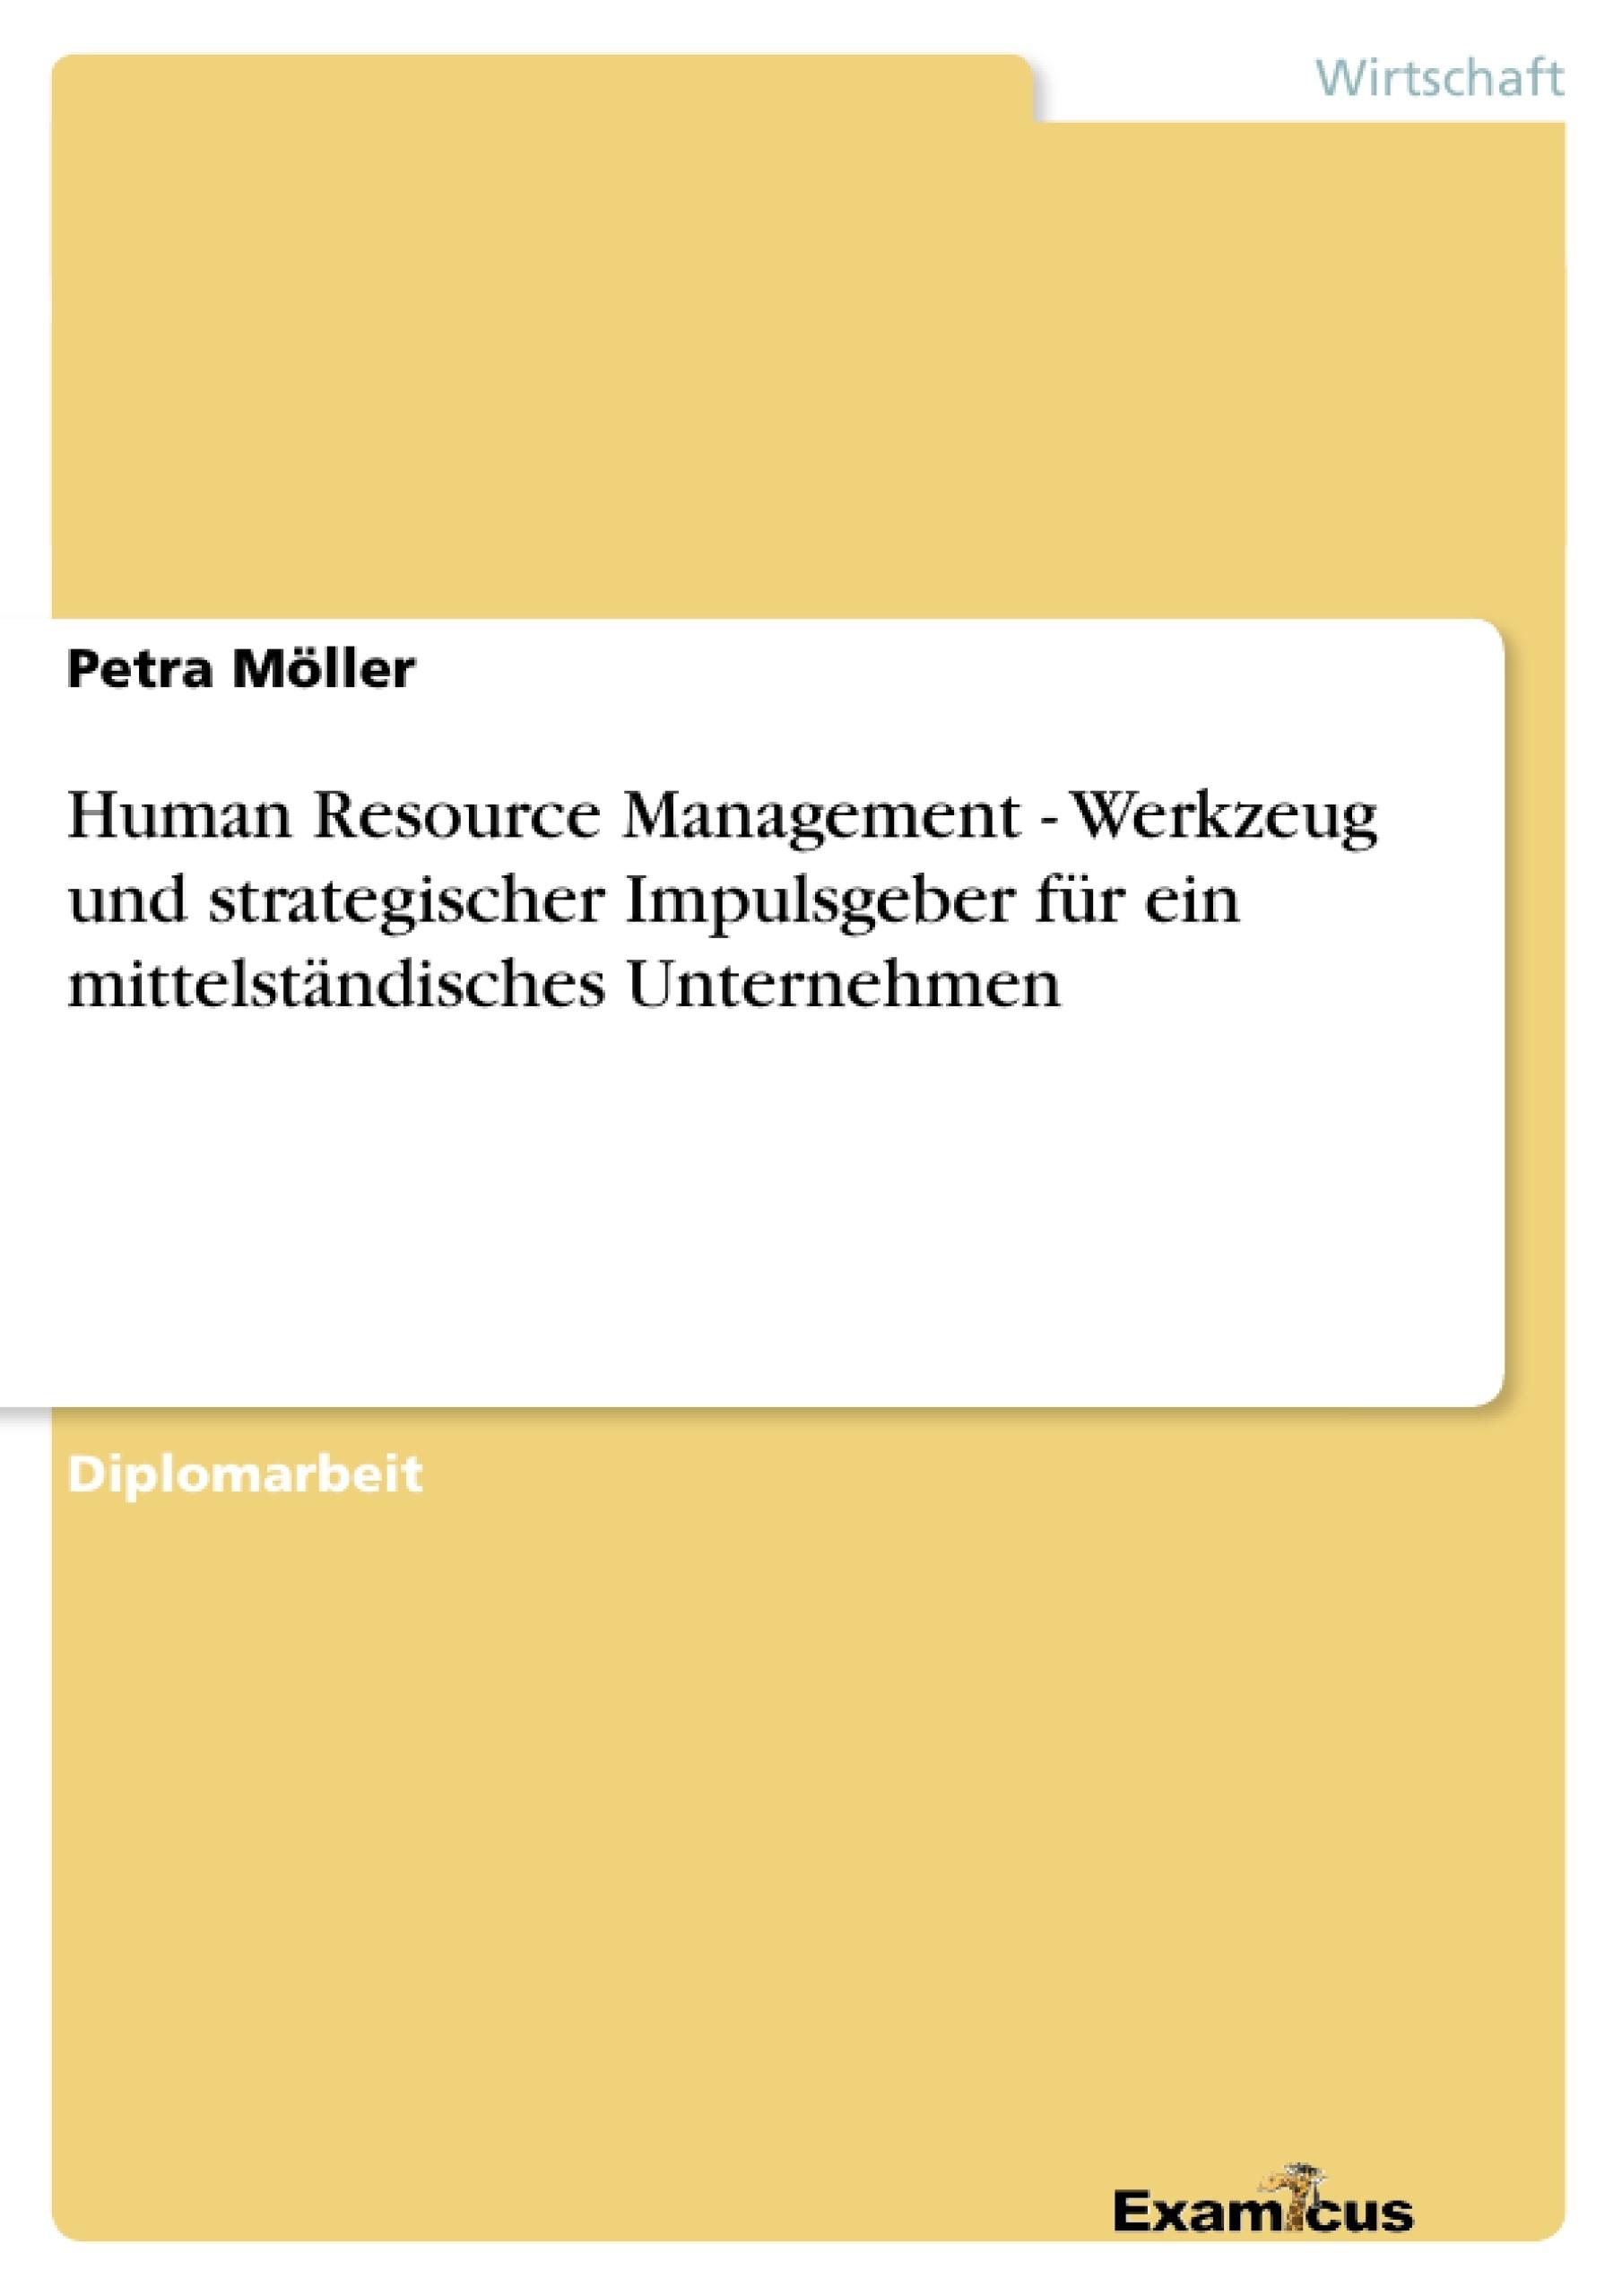 Titel: Human Resource Management - Werkzeug und strategischer Impulsgeber für ein mittelständisches Unternehmen